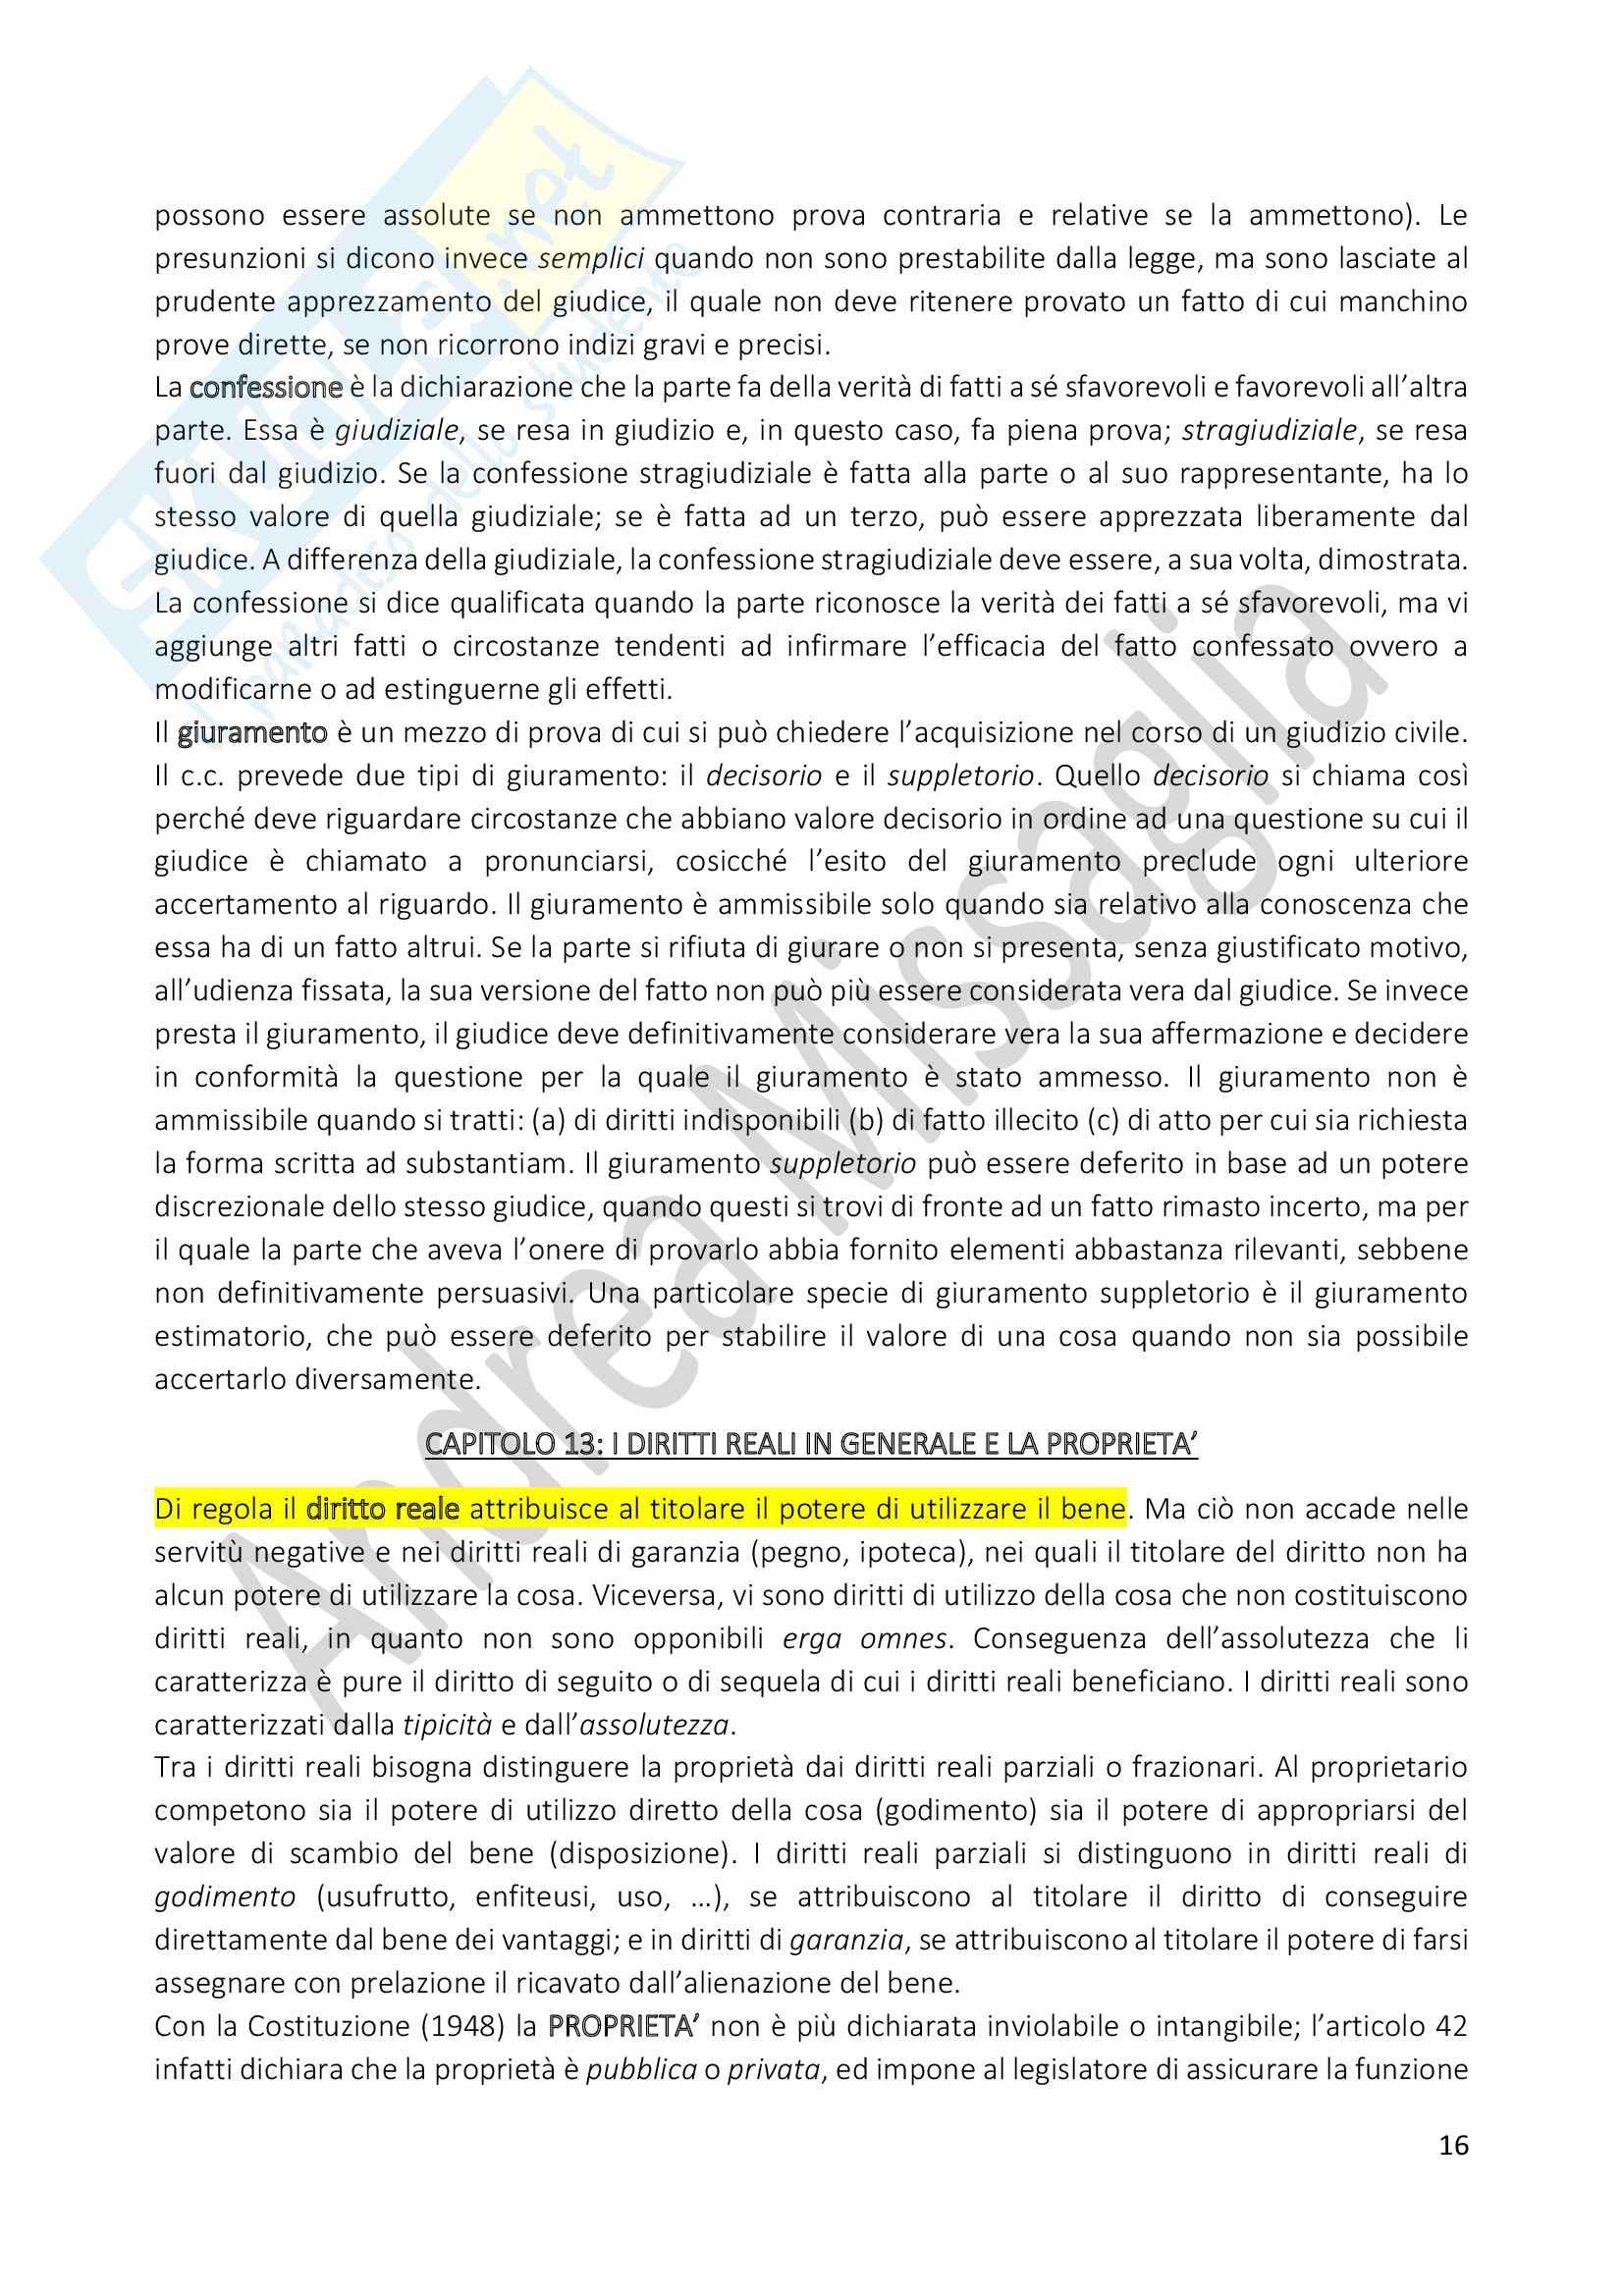 Riassunto Esame Istituzioni di Diritto Privato (Economia), prof. Schiavone Pag. 16